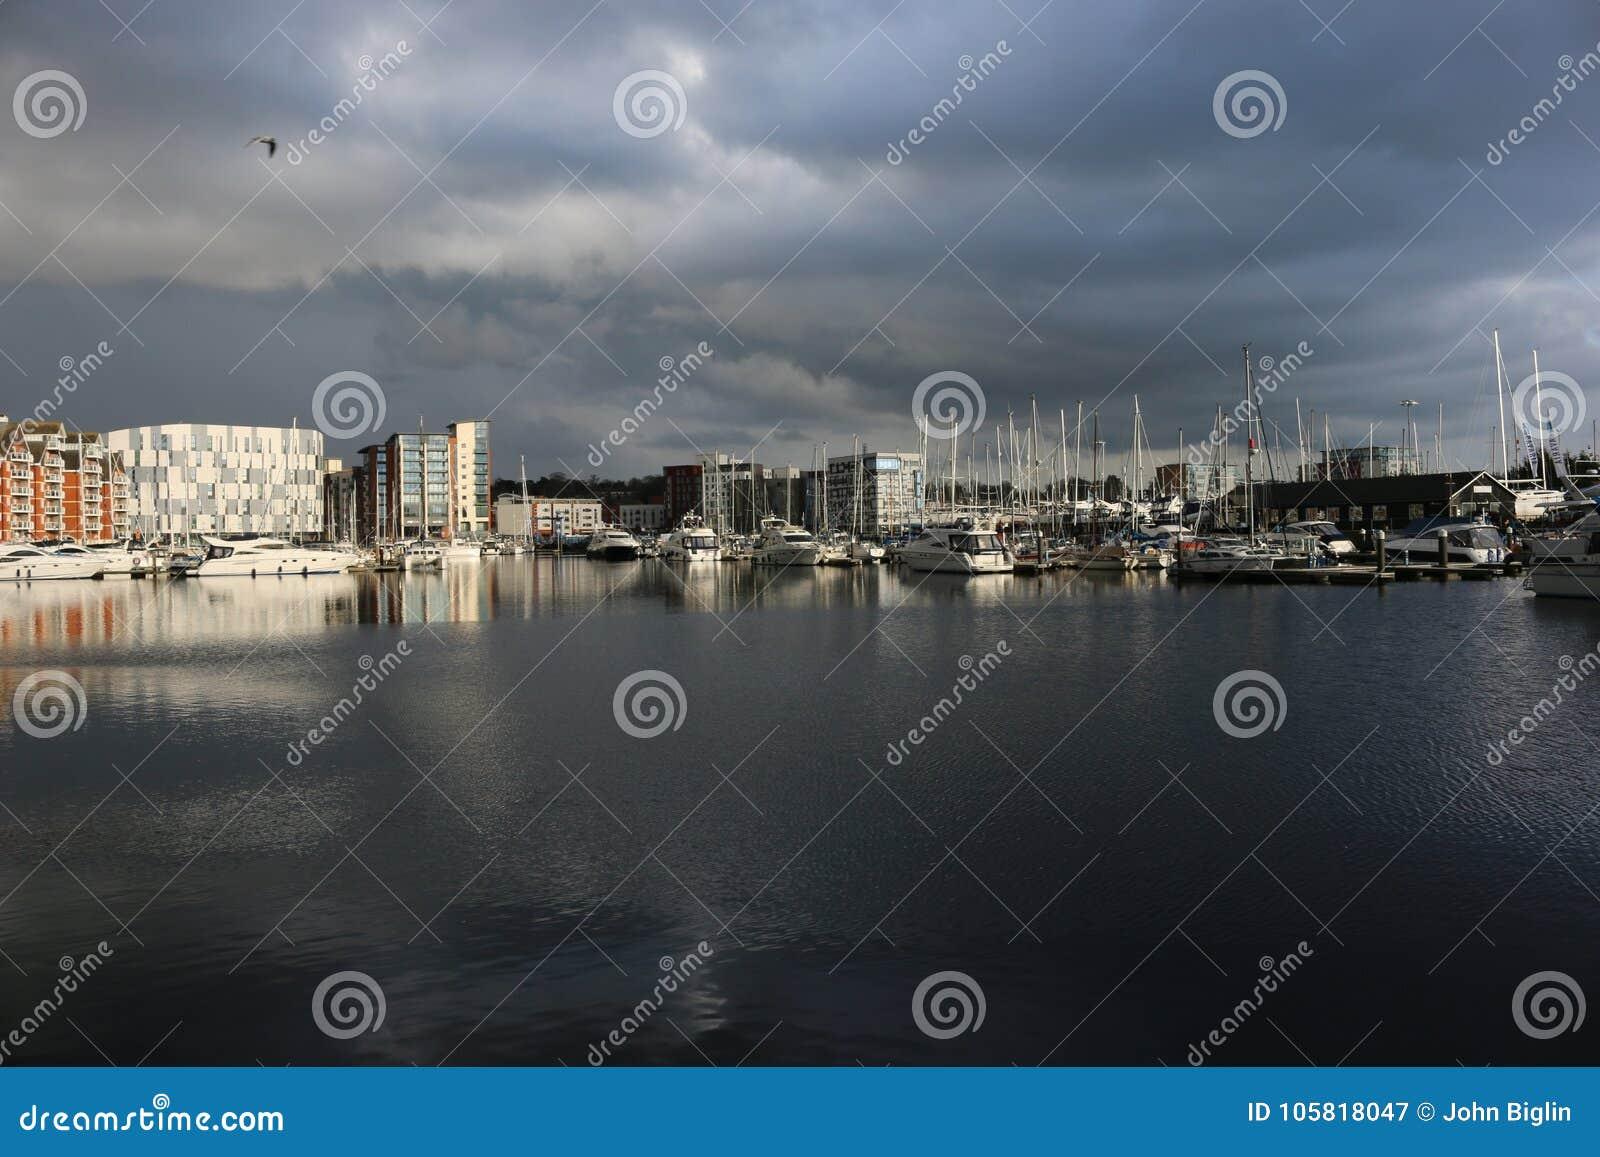 伊普斯维奇有暴风云的江边小游艇船坞